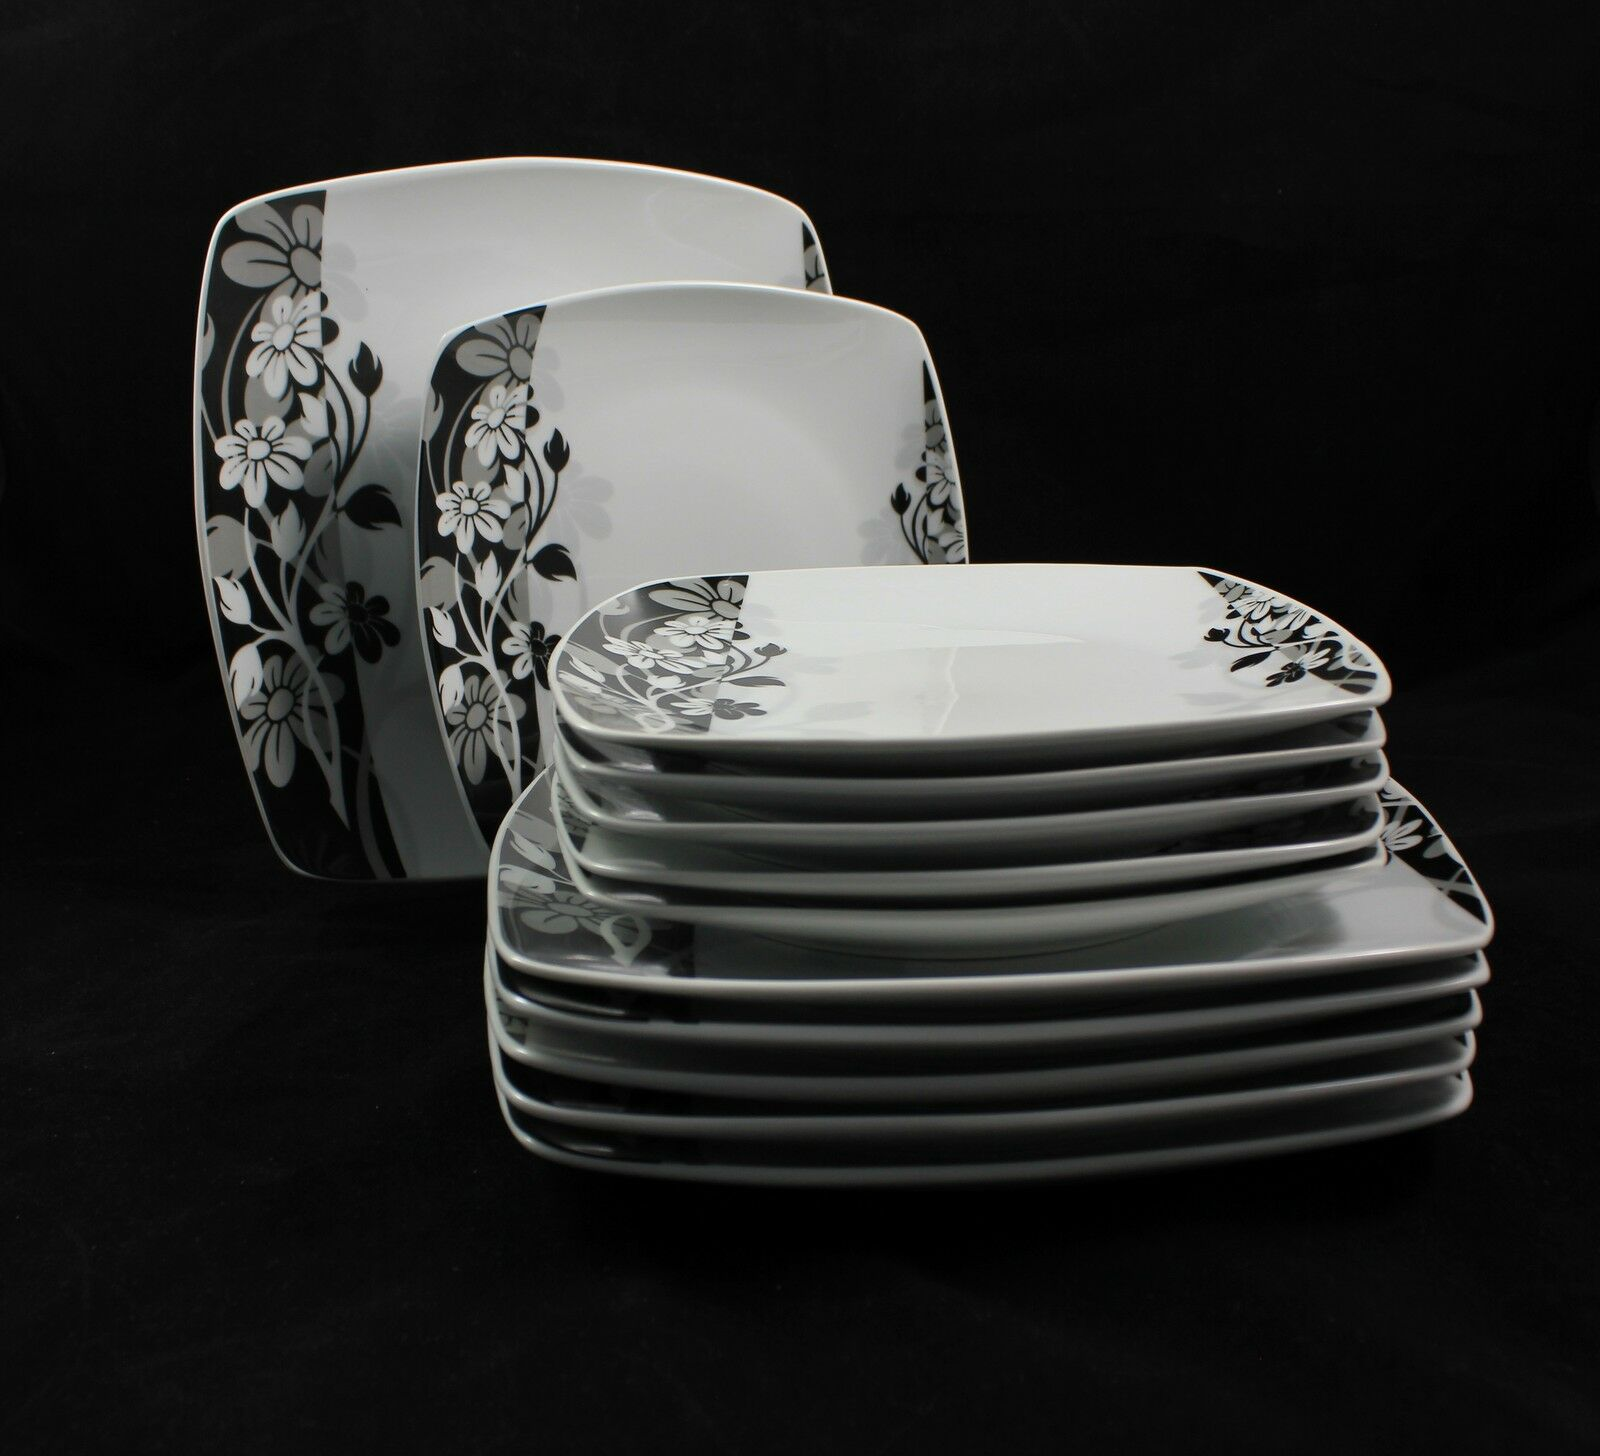 Porcelaine Vaisselle Vaisselle Rectangulaire 24tlg Alani pour 12 personnes